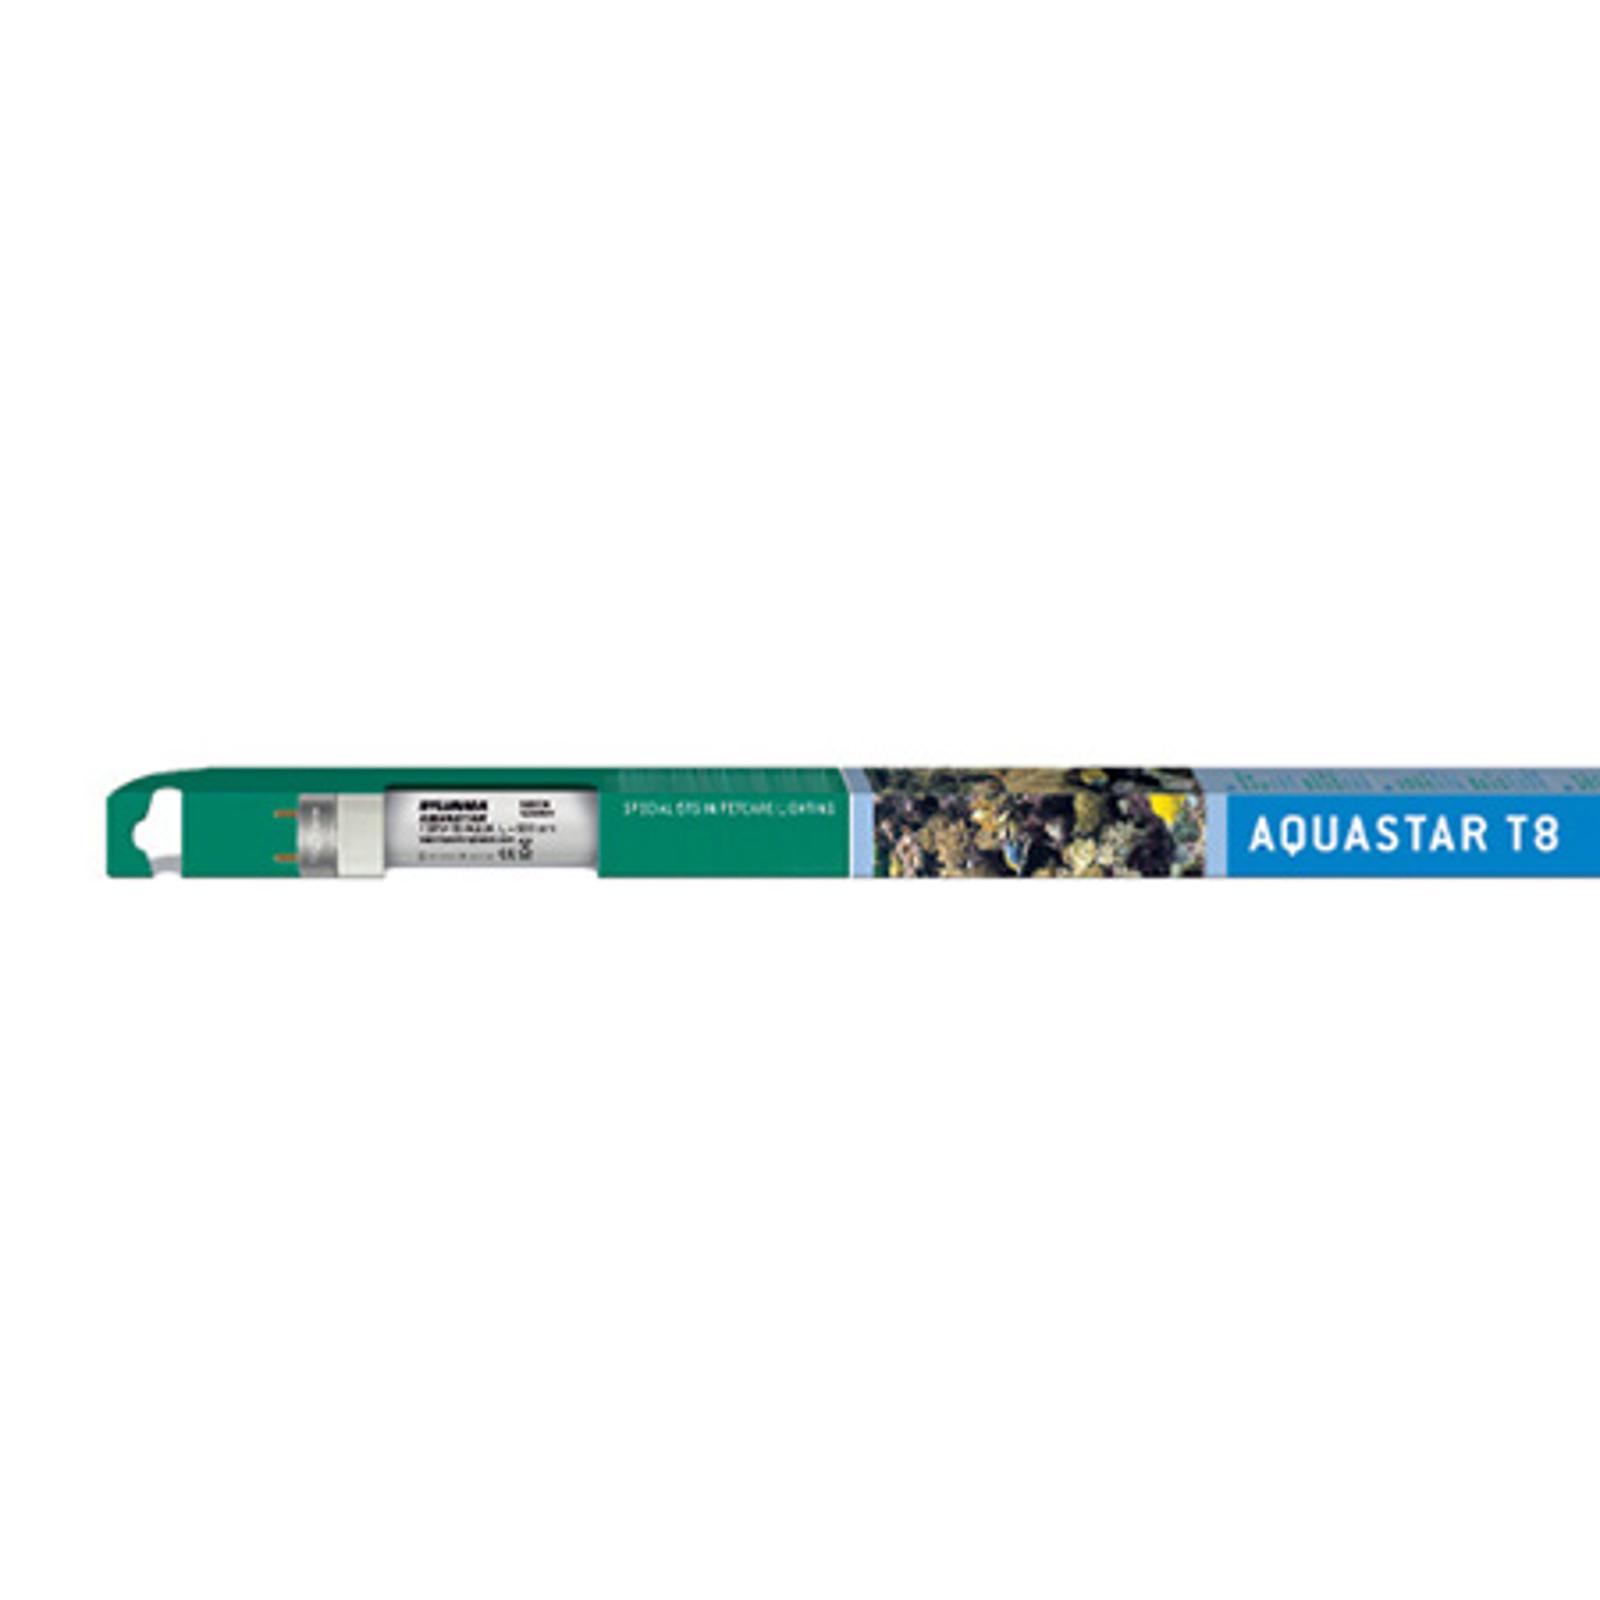 Lampadina per usi speciali Aquastar T8 G13 25W